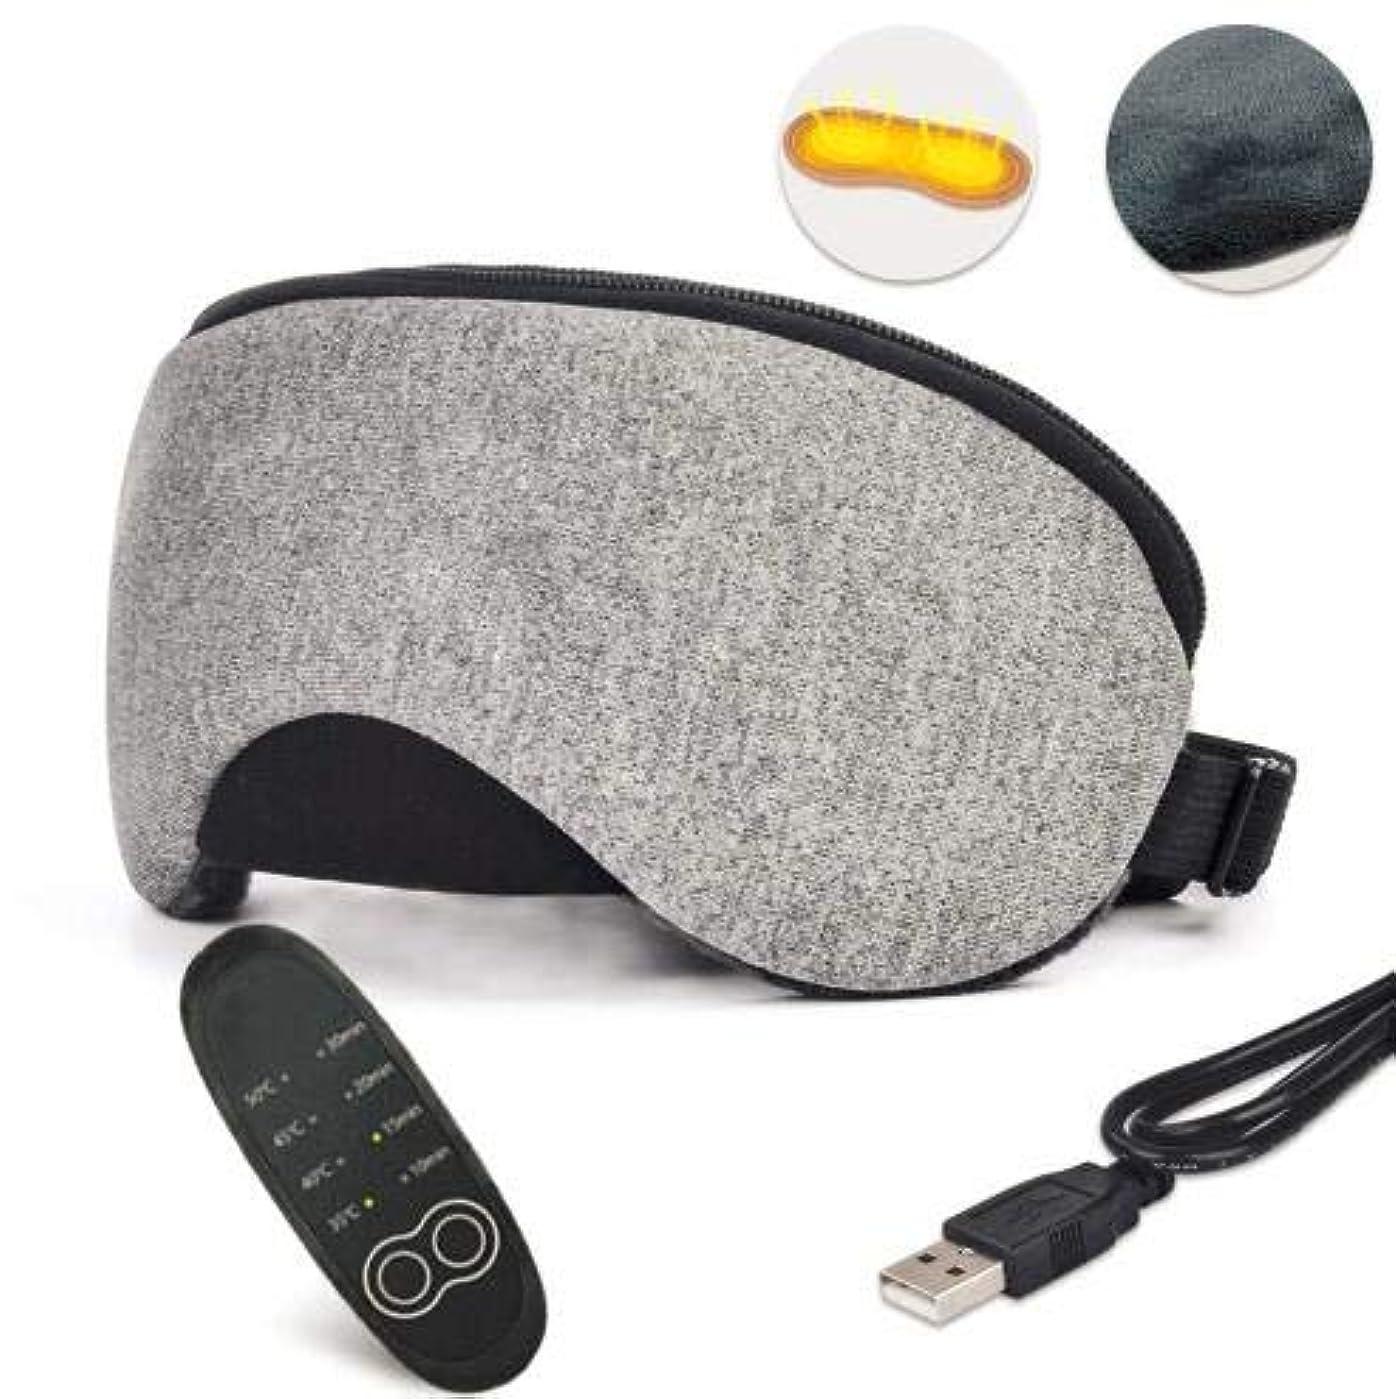 倍増二週間解釈NOTE Usbortable 3dスリープアイマスクカバー援助睡眠目隠しusb加熱綿表面アイマスク用睡眠SPAソフト調整可能包帯